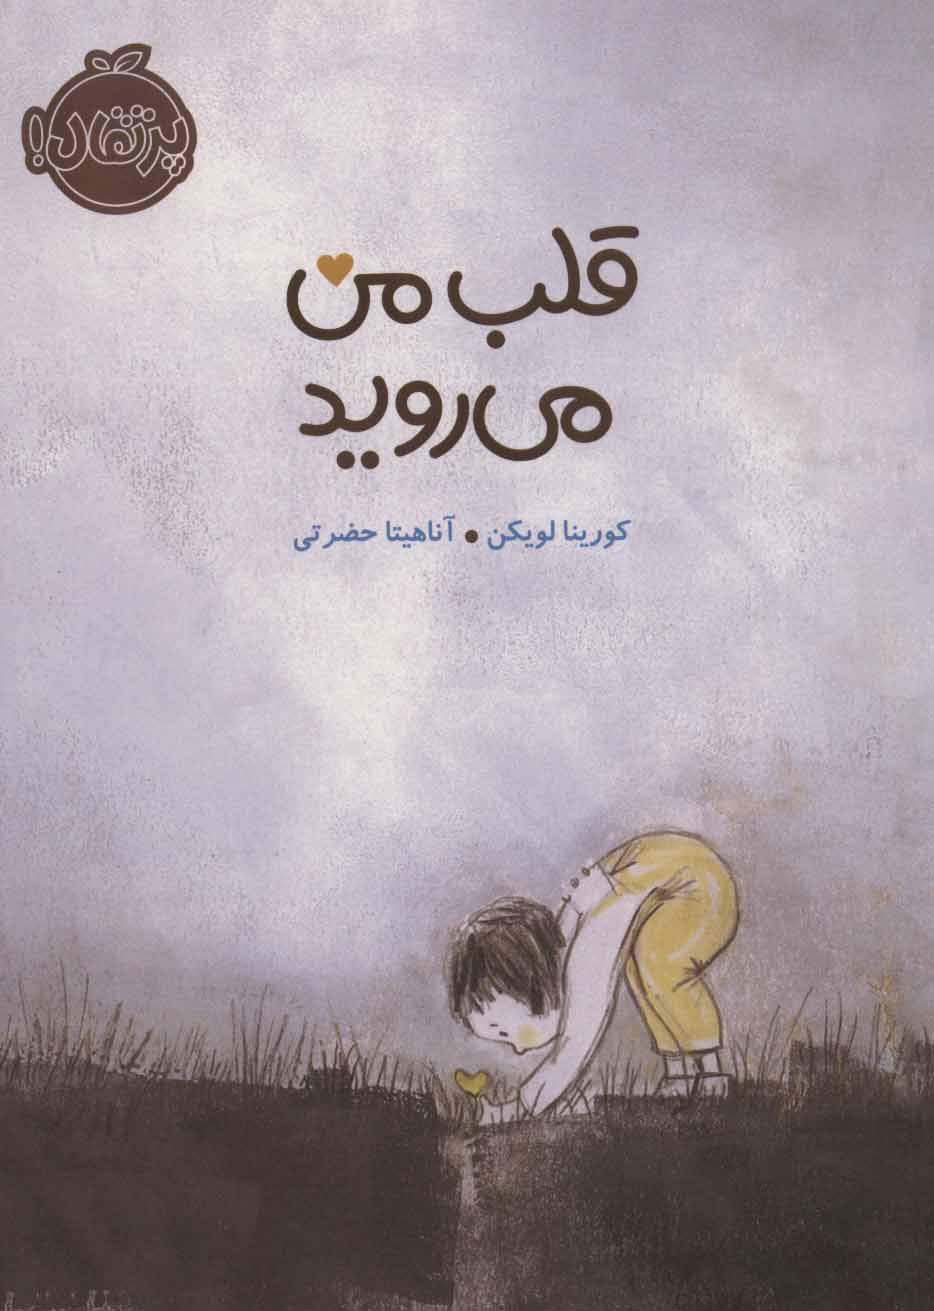 رمان قلب من می روید